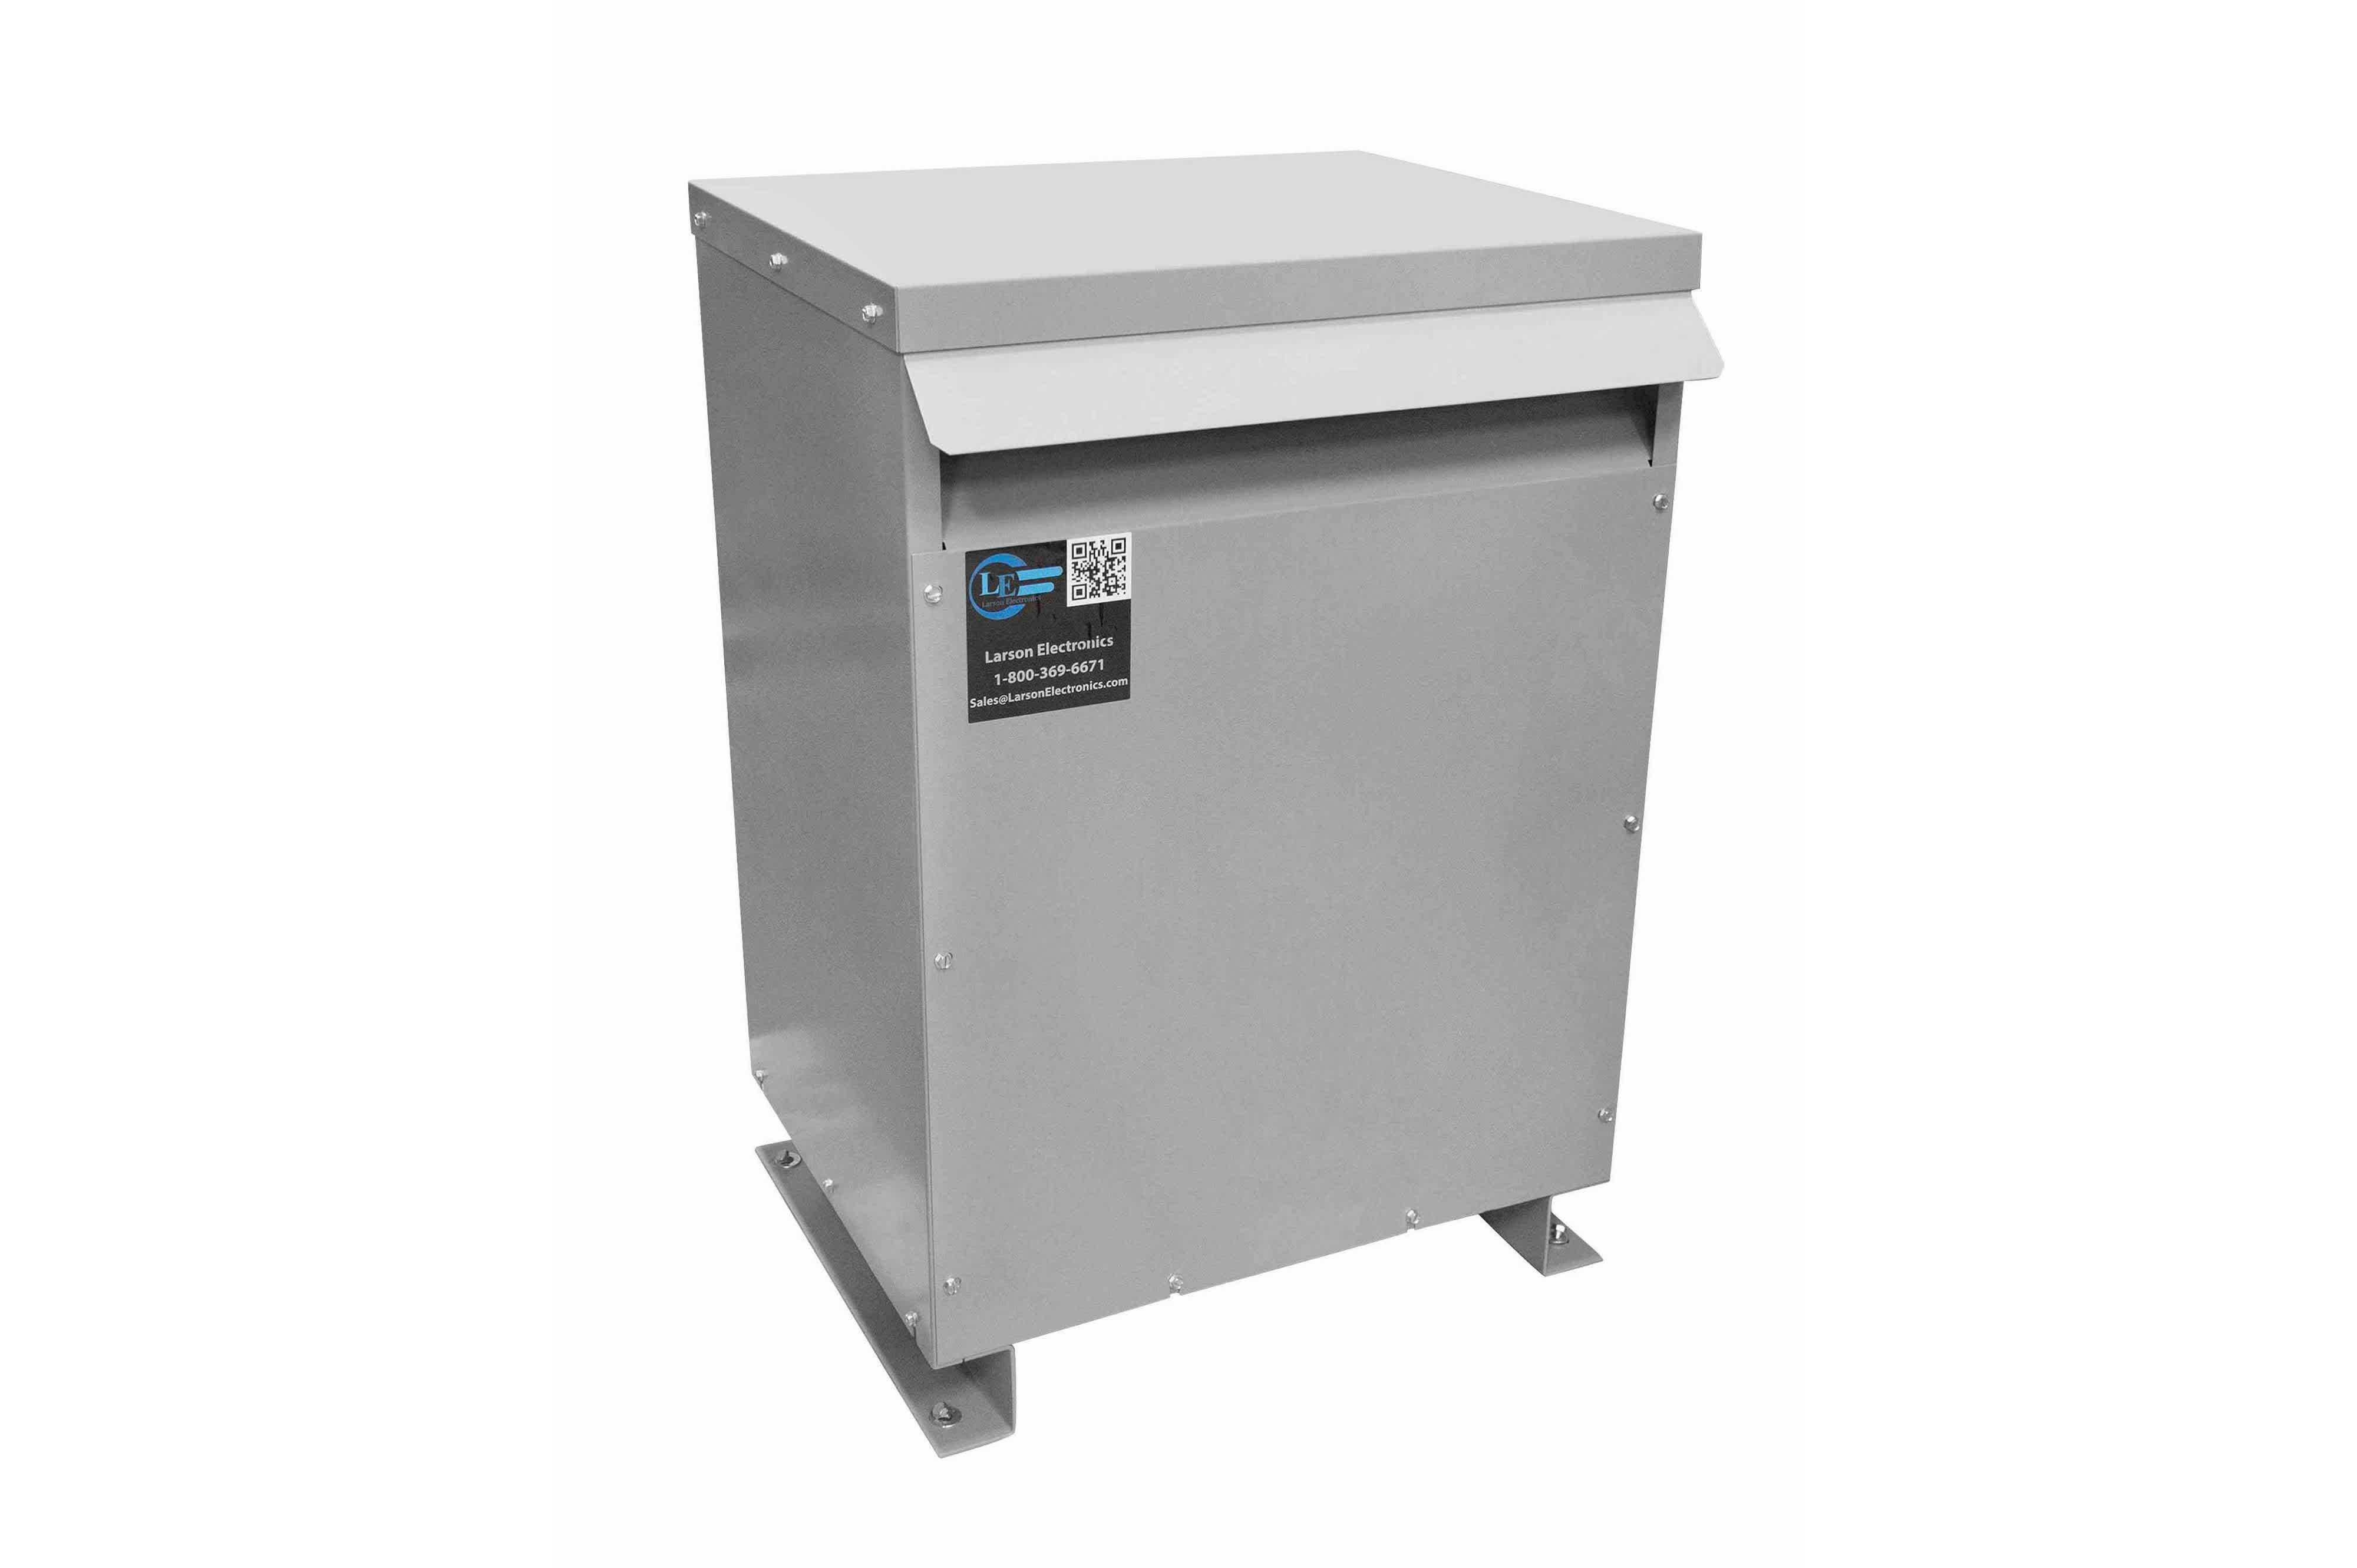 700 kVA 3PH Isolation Transformer, 600V Delta Primary, 380V Delta Secondary, N3R, Ventilated, 60 Hz